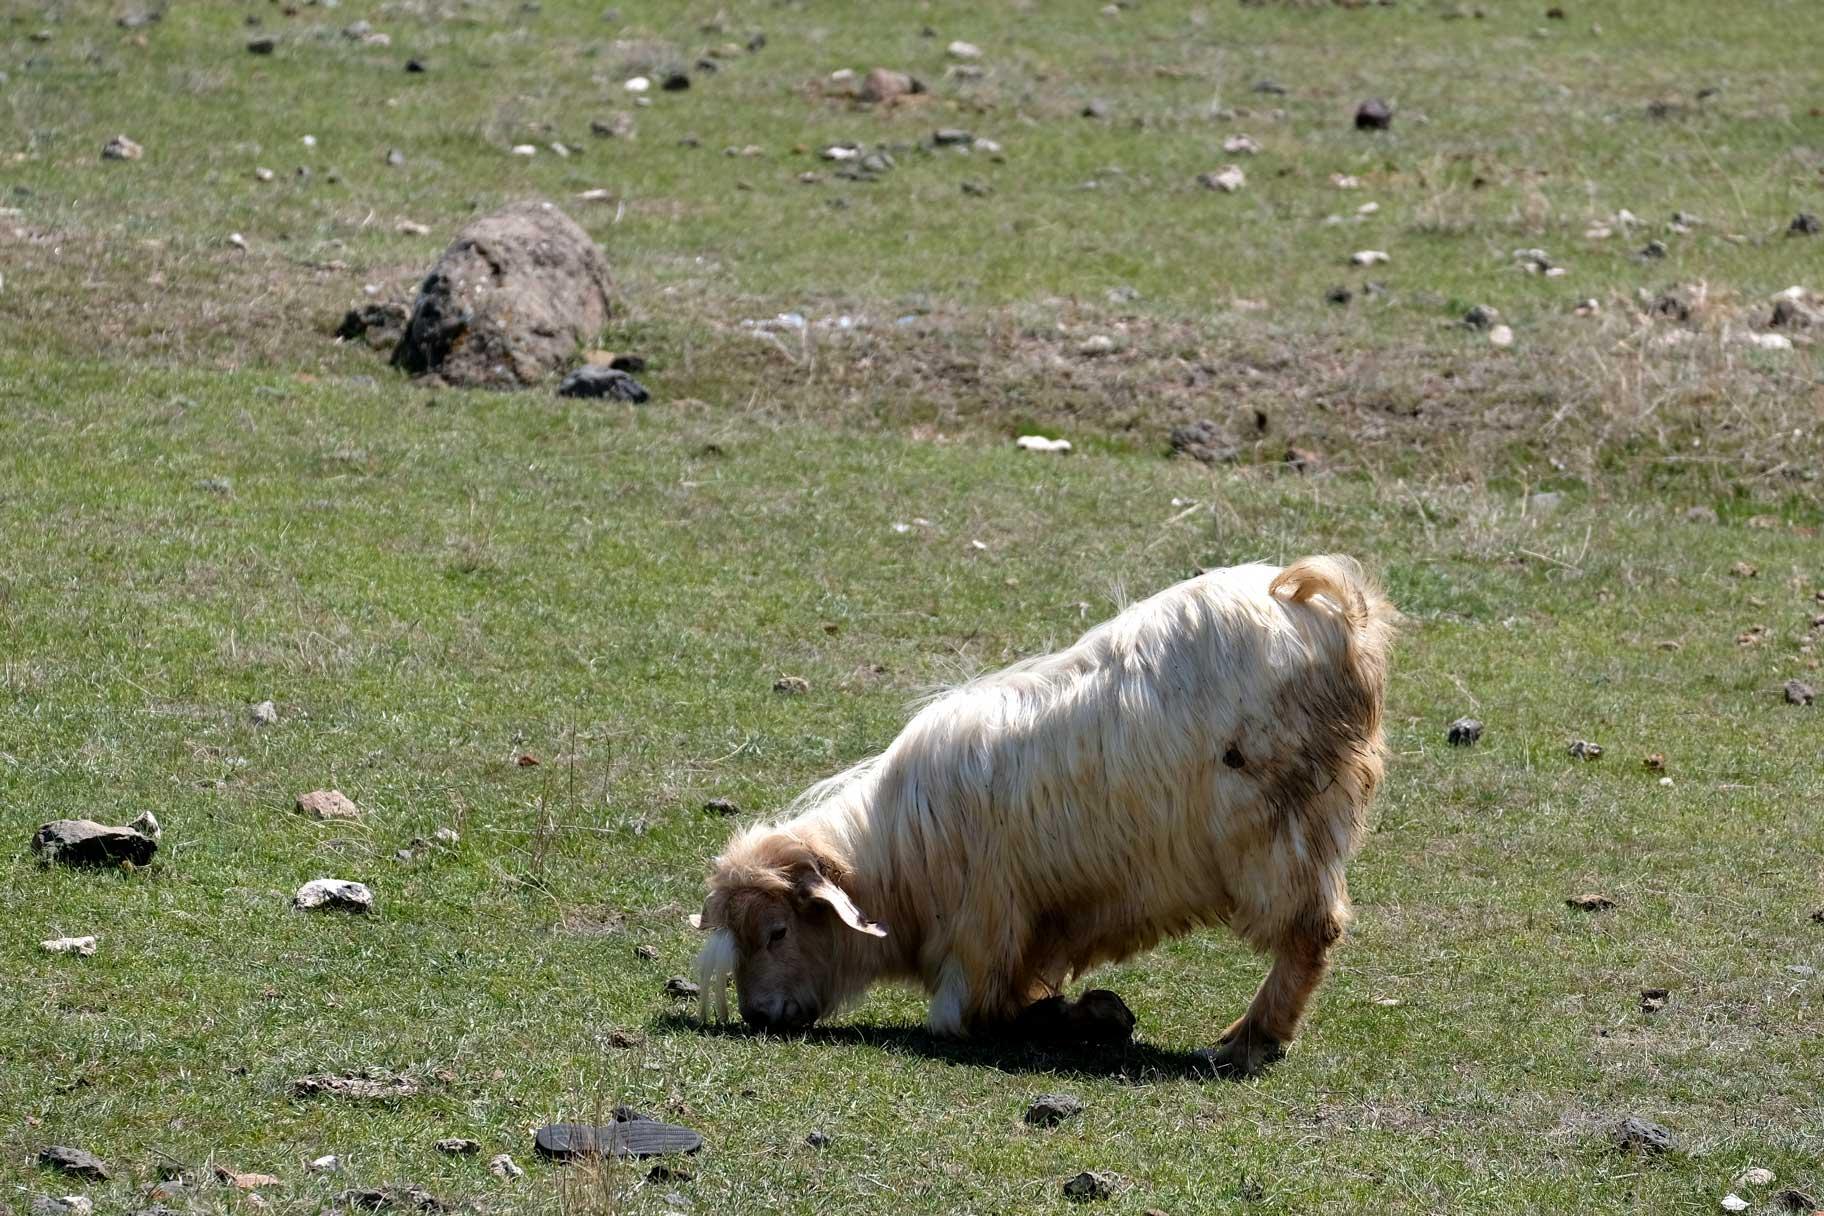 Davon unbeeindruckt, hat sich diese Ziege eine sehr bequeme Fressmethode ausgedacht